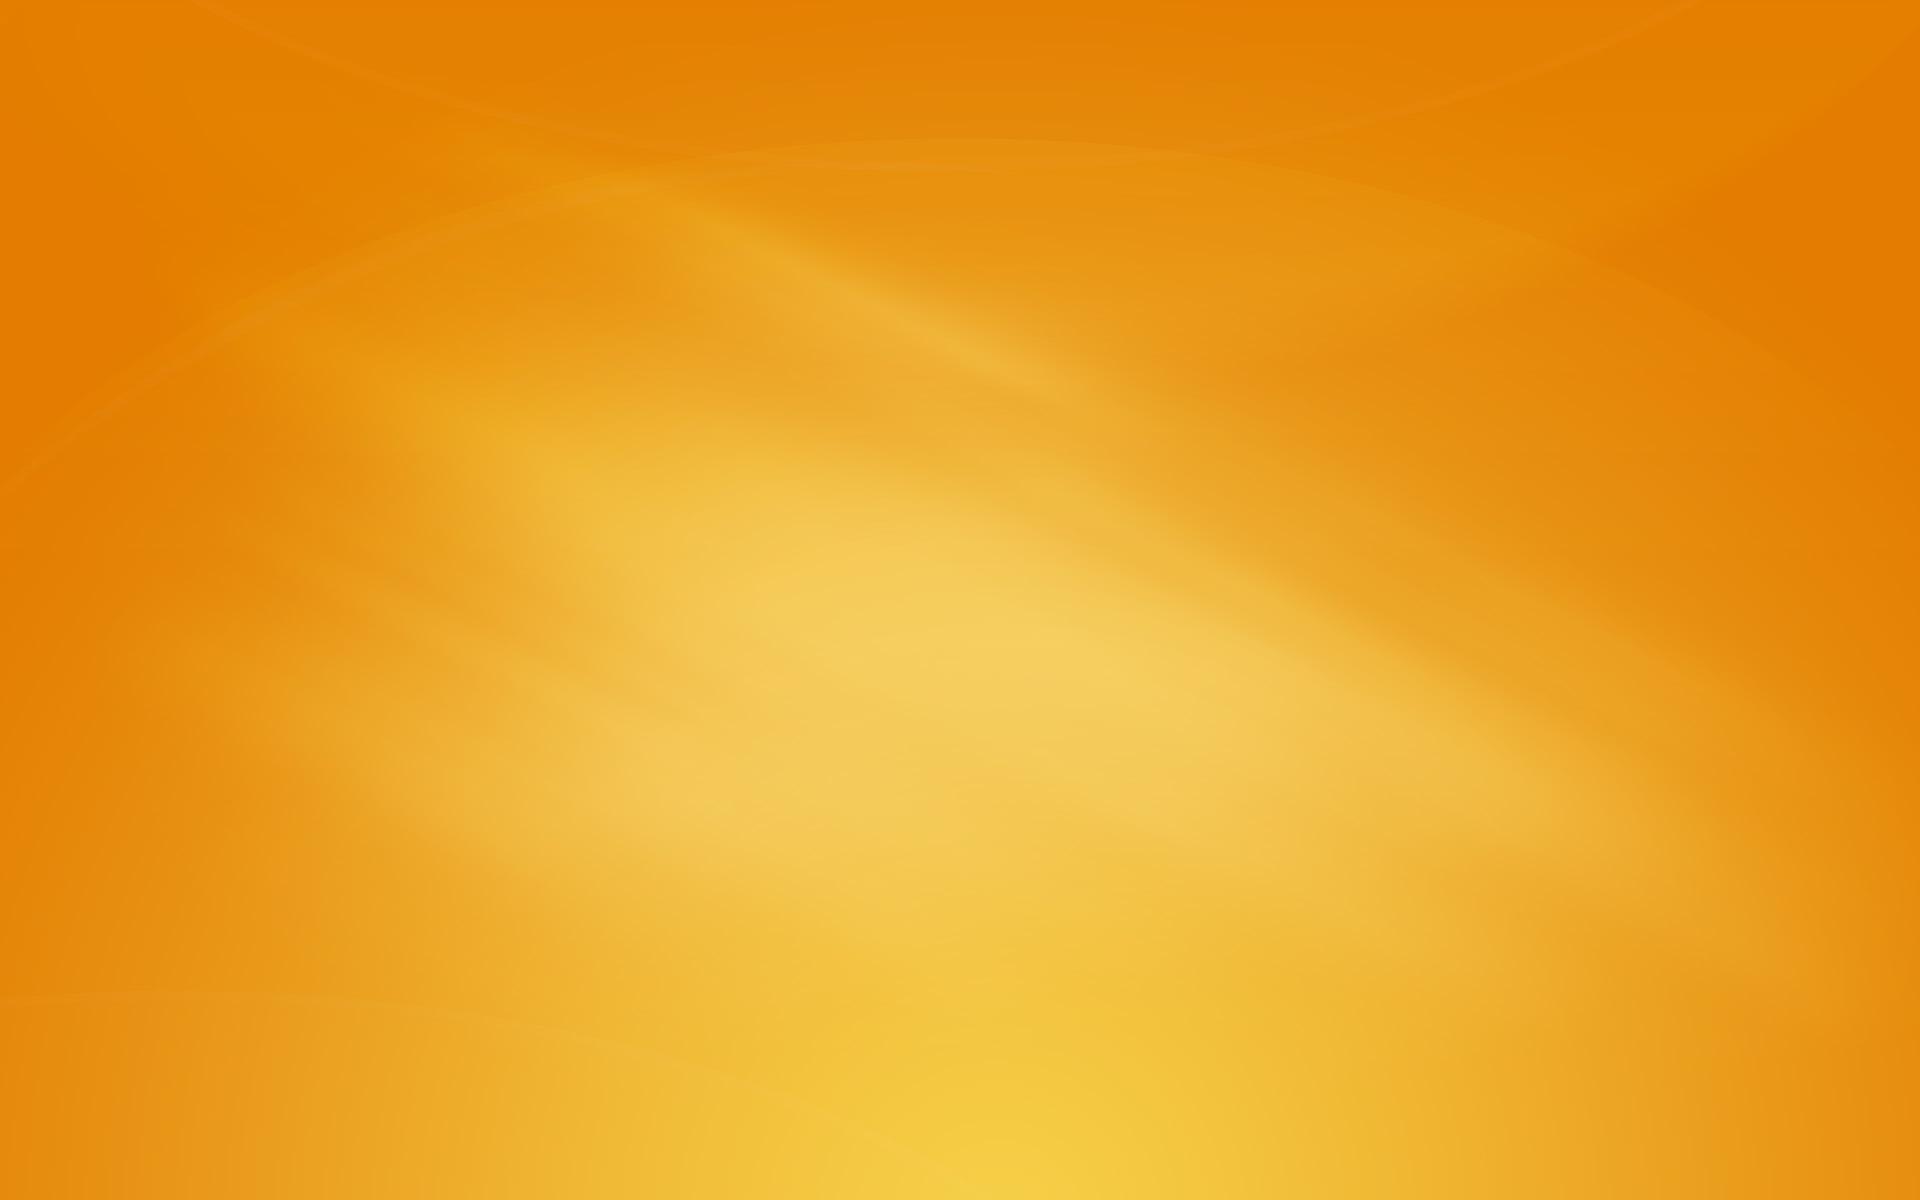 Color Background Wallpaper - WallpaperSafari